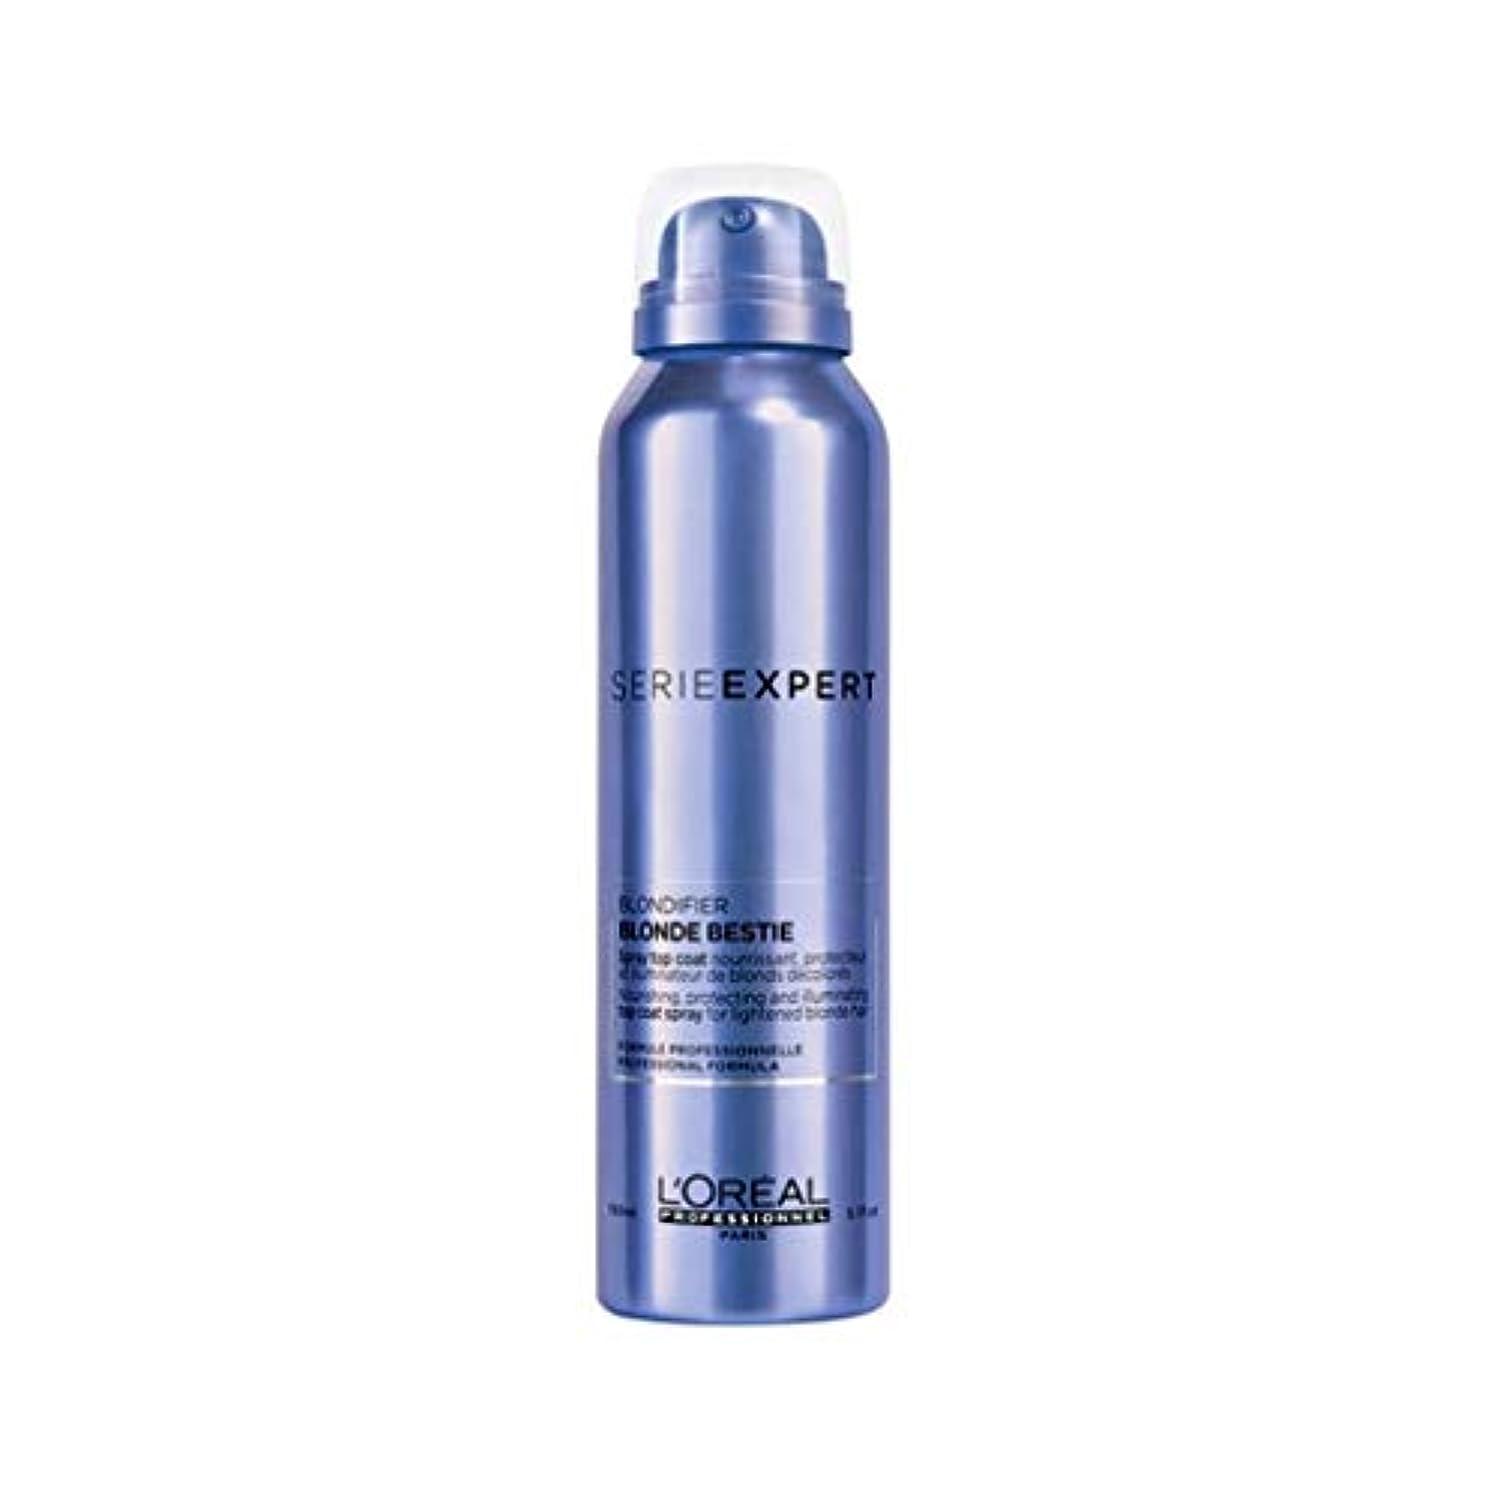 染料明確に安価なロレアル セリエ エクスパート ブロンディファイア ブロンド ベスティー スプレー L'Oreal Serie Expert Blondifier Blond Bestie Spray 150 ml [並行輸入品]